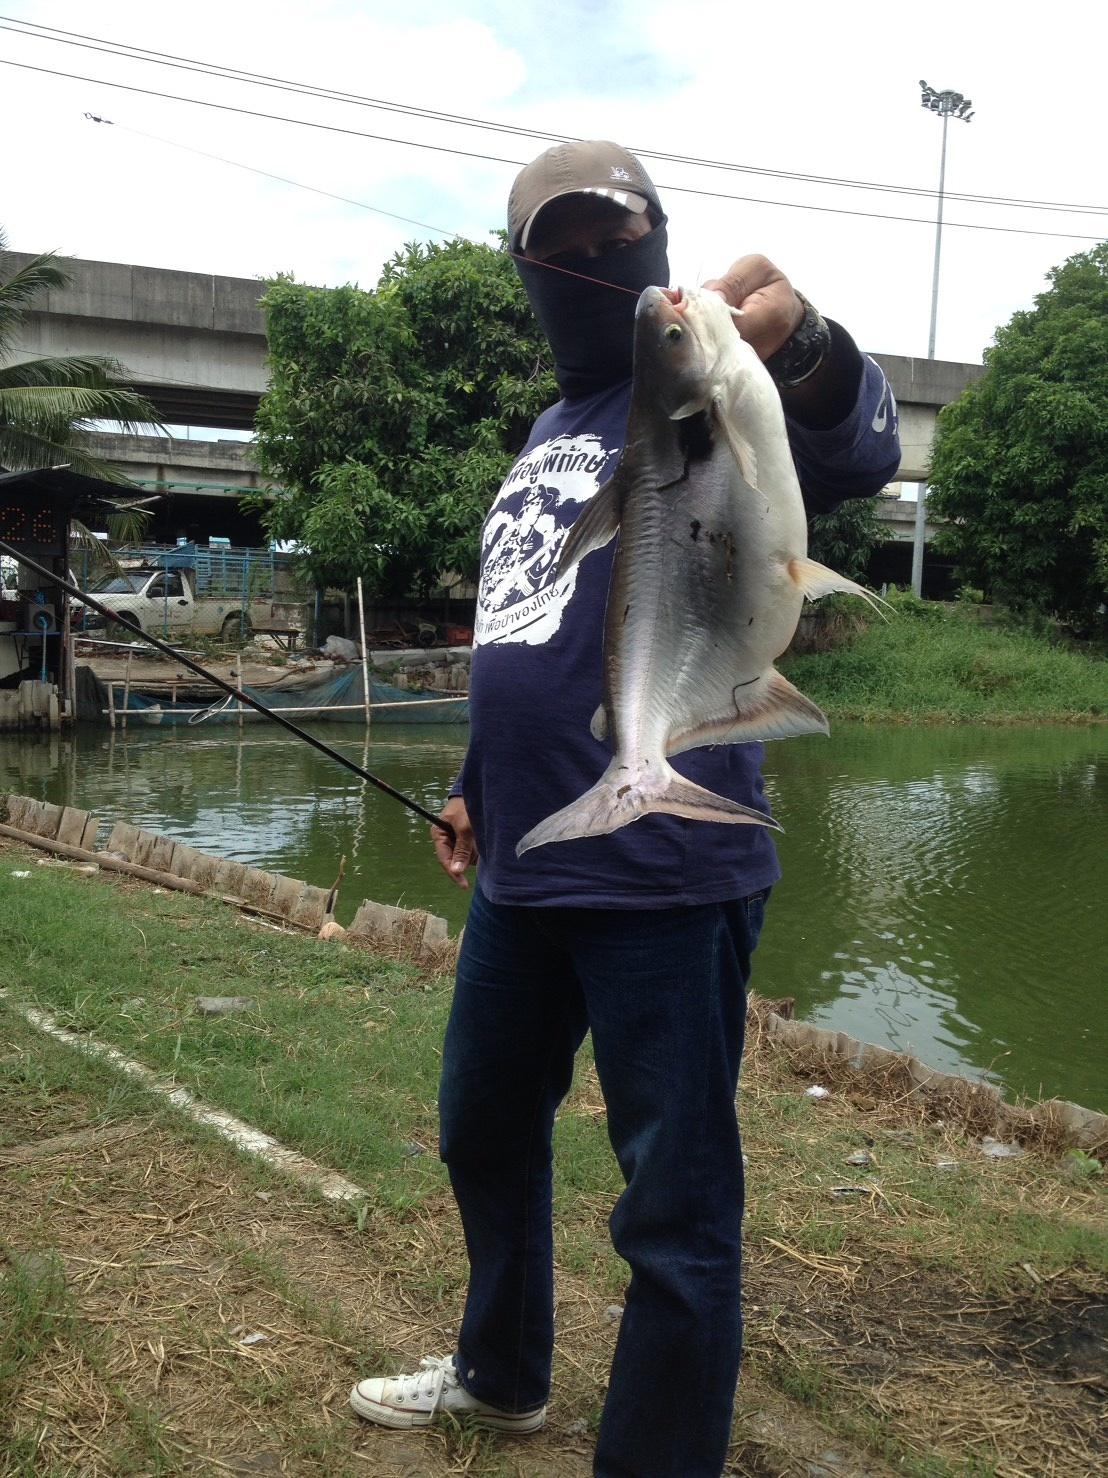 บ่อตกปลา ลุงชาย